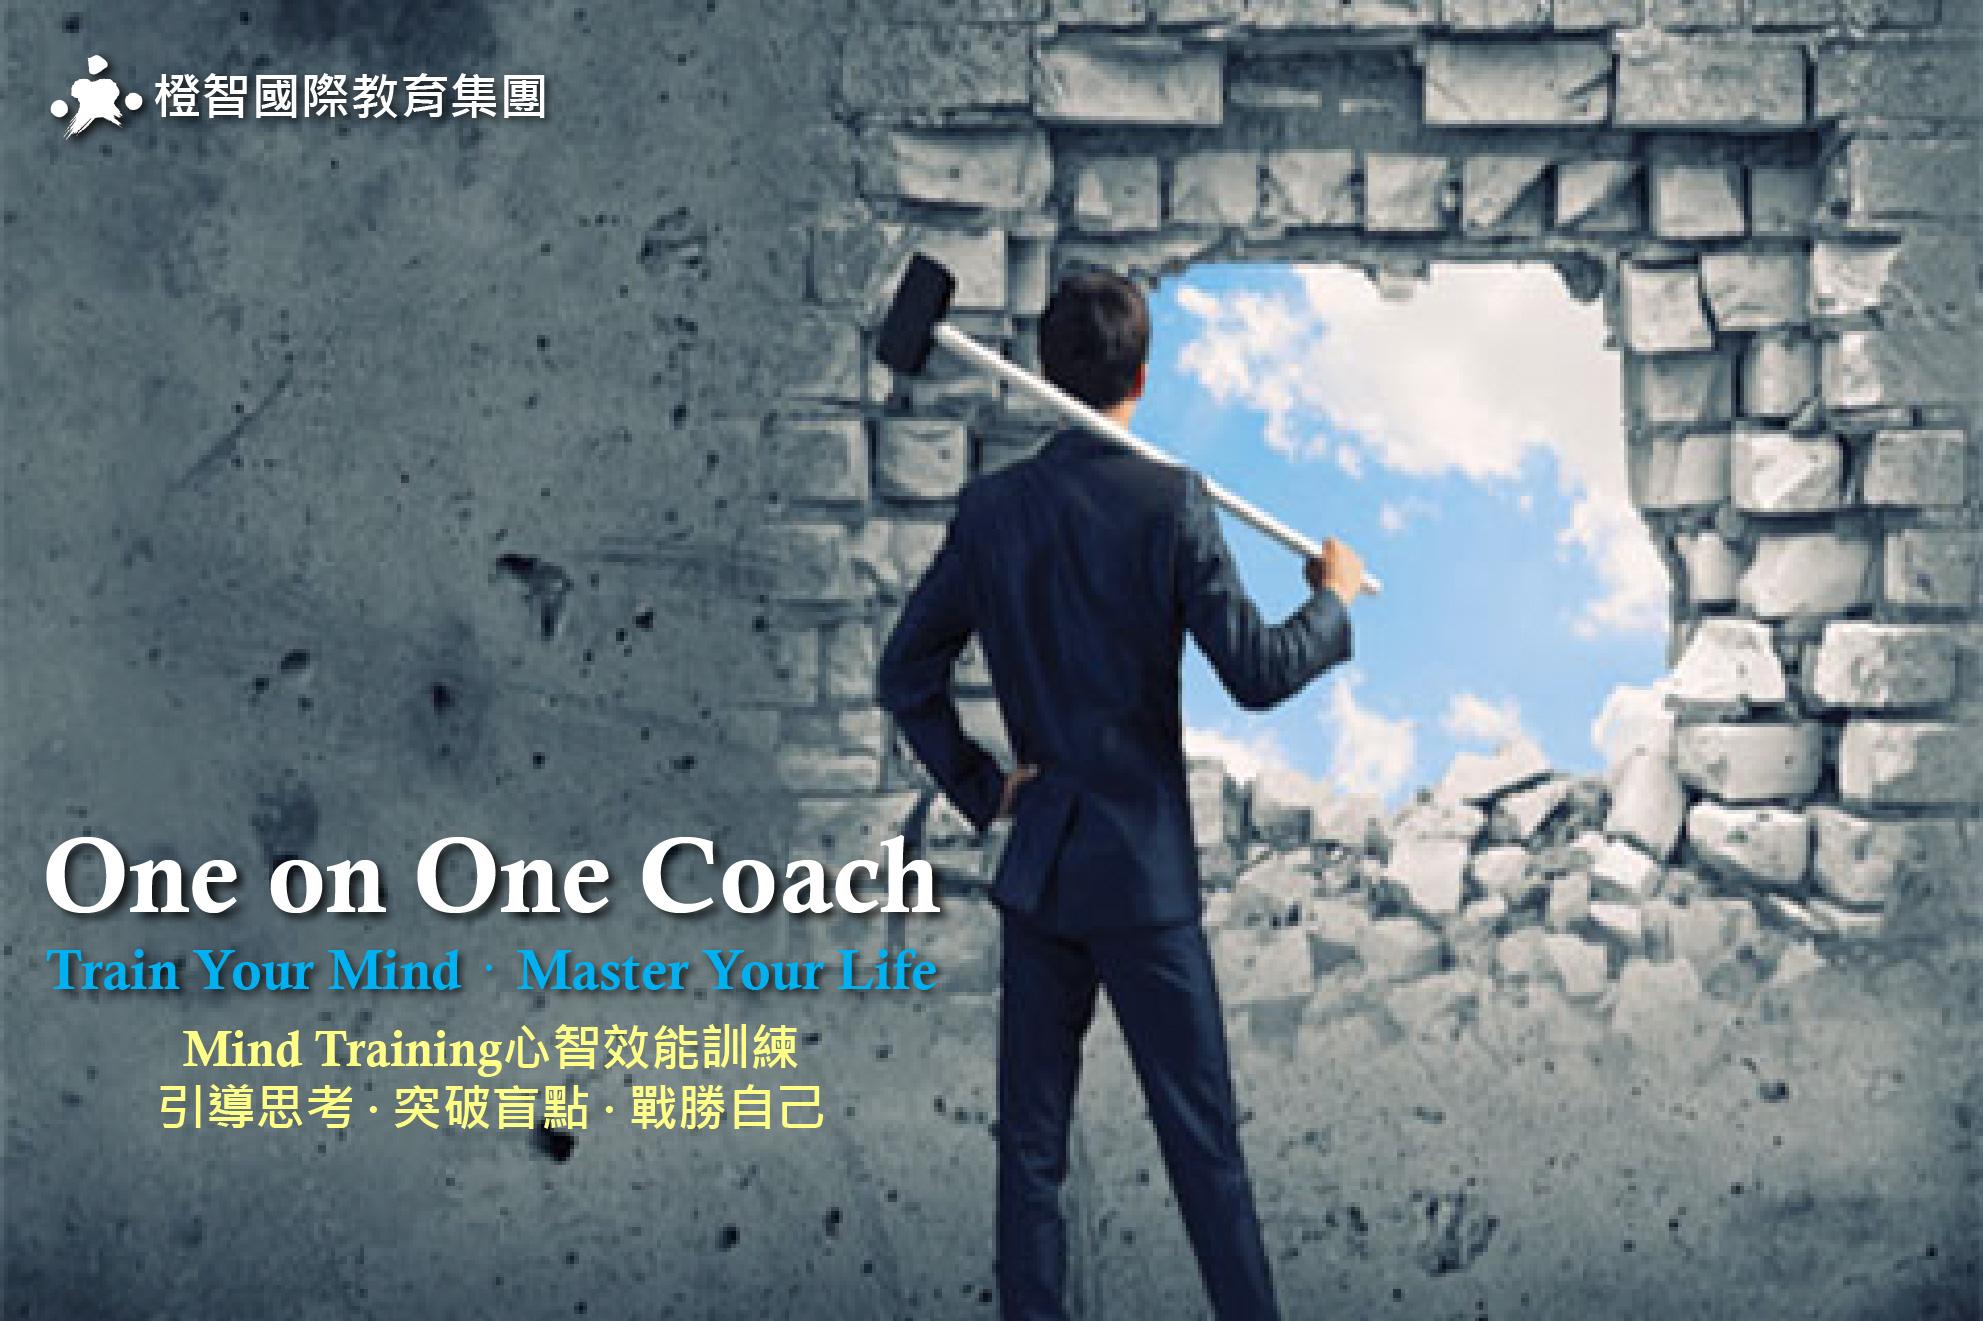 自我升級從一對一教練開始,專屬量身設計課程。